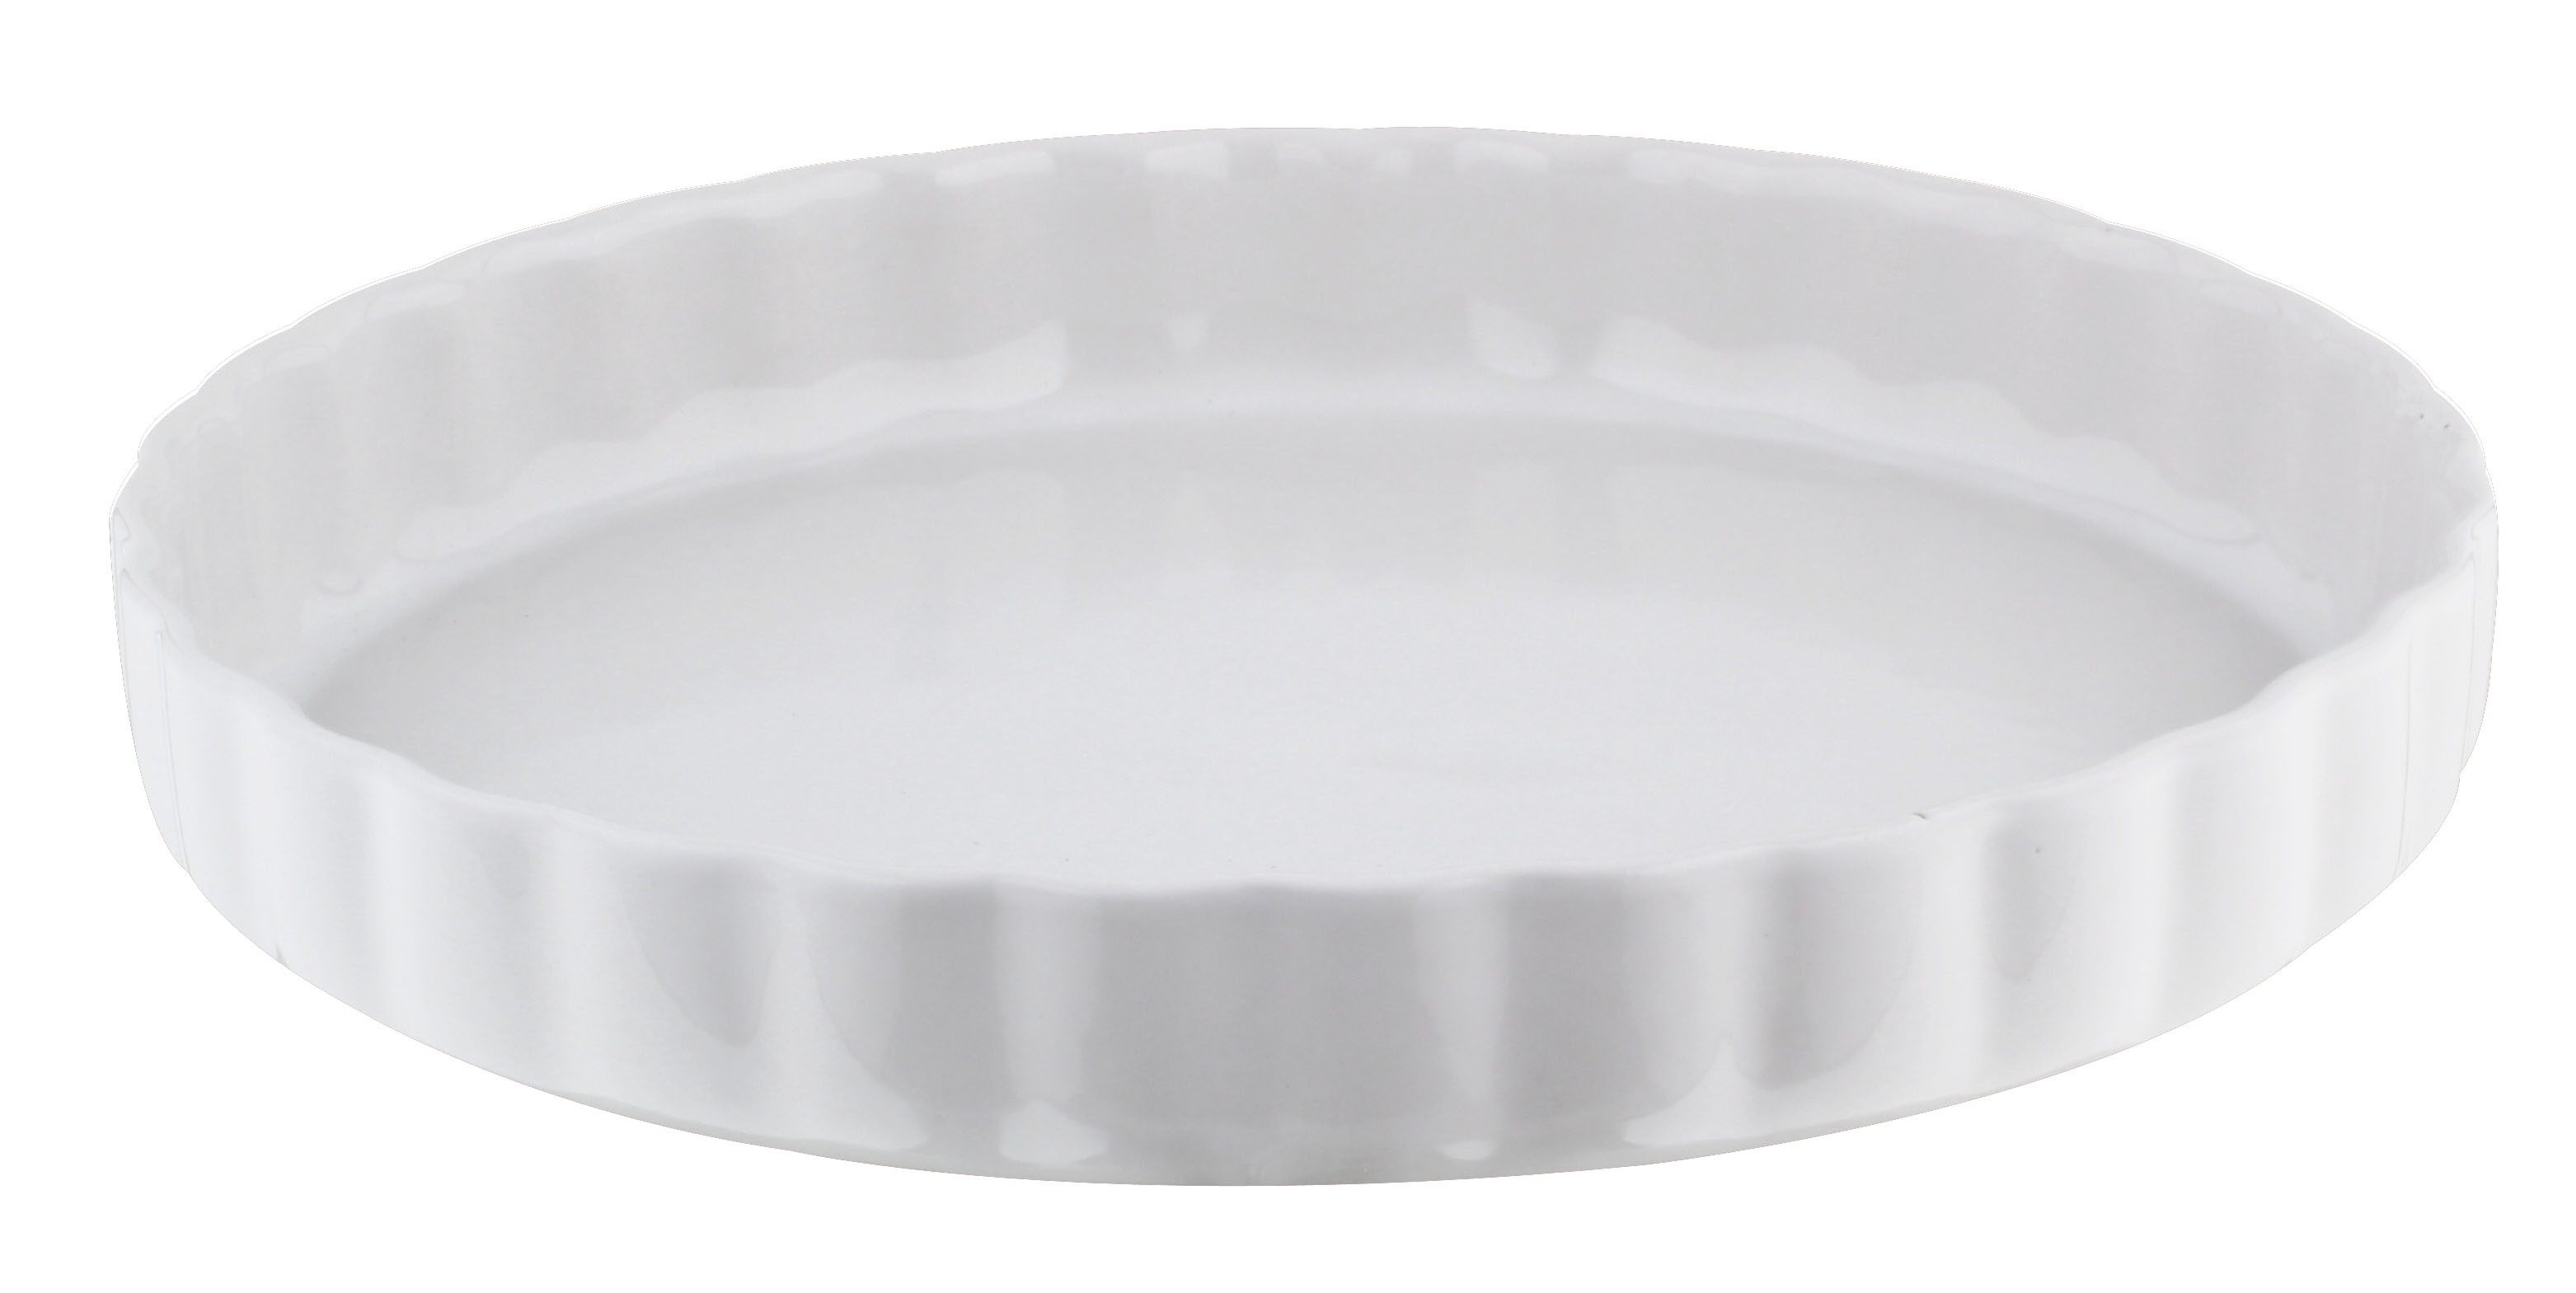 ca 29 cm rund Quiche-Form Keramik wei/ß